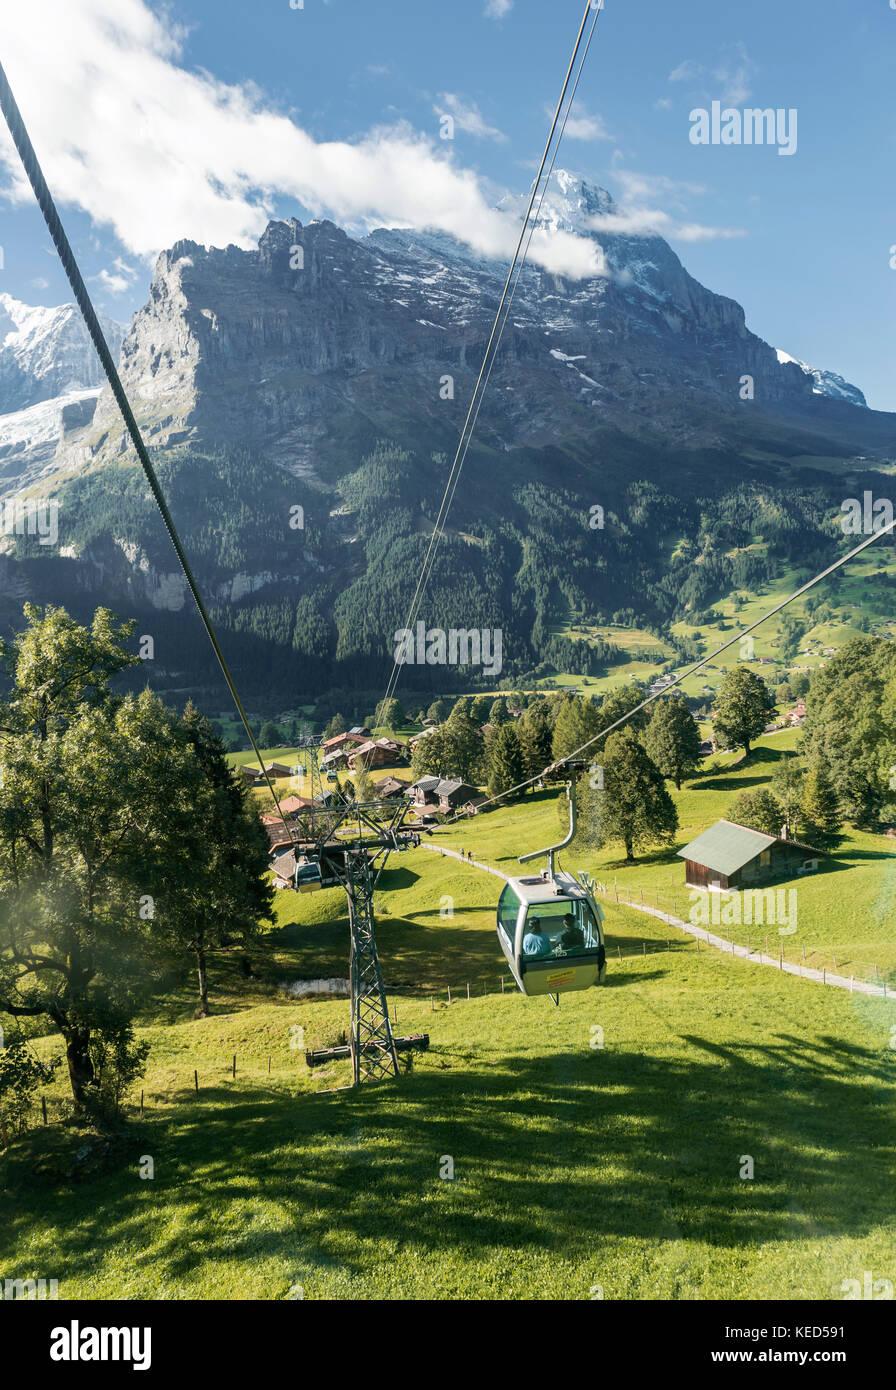 Bergbahn erste nach Grindelwald, Schnee - der Eiger Nordwand Eiger, Mönch, Jungfrau, Grindelwald, Schweiz Stockbild